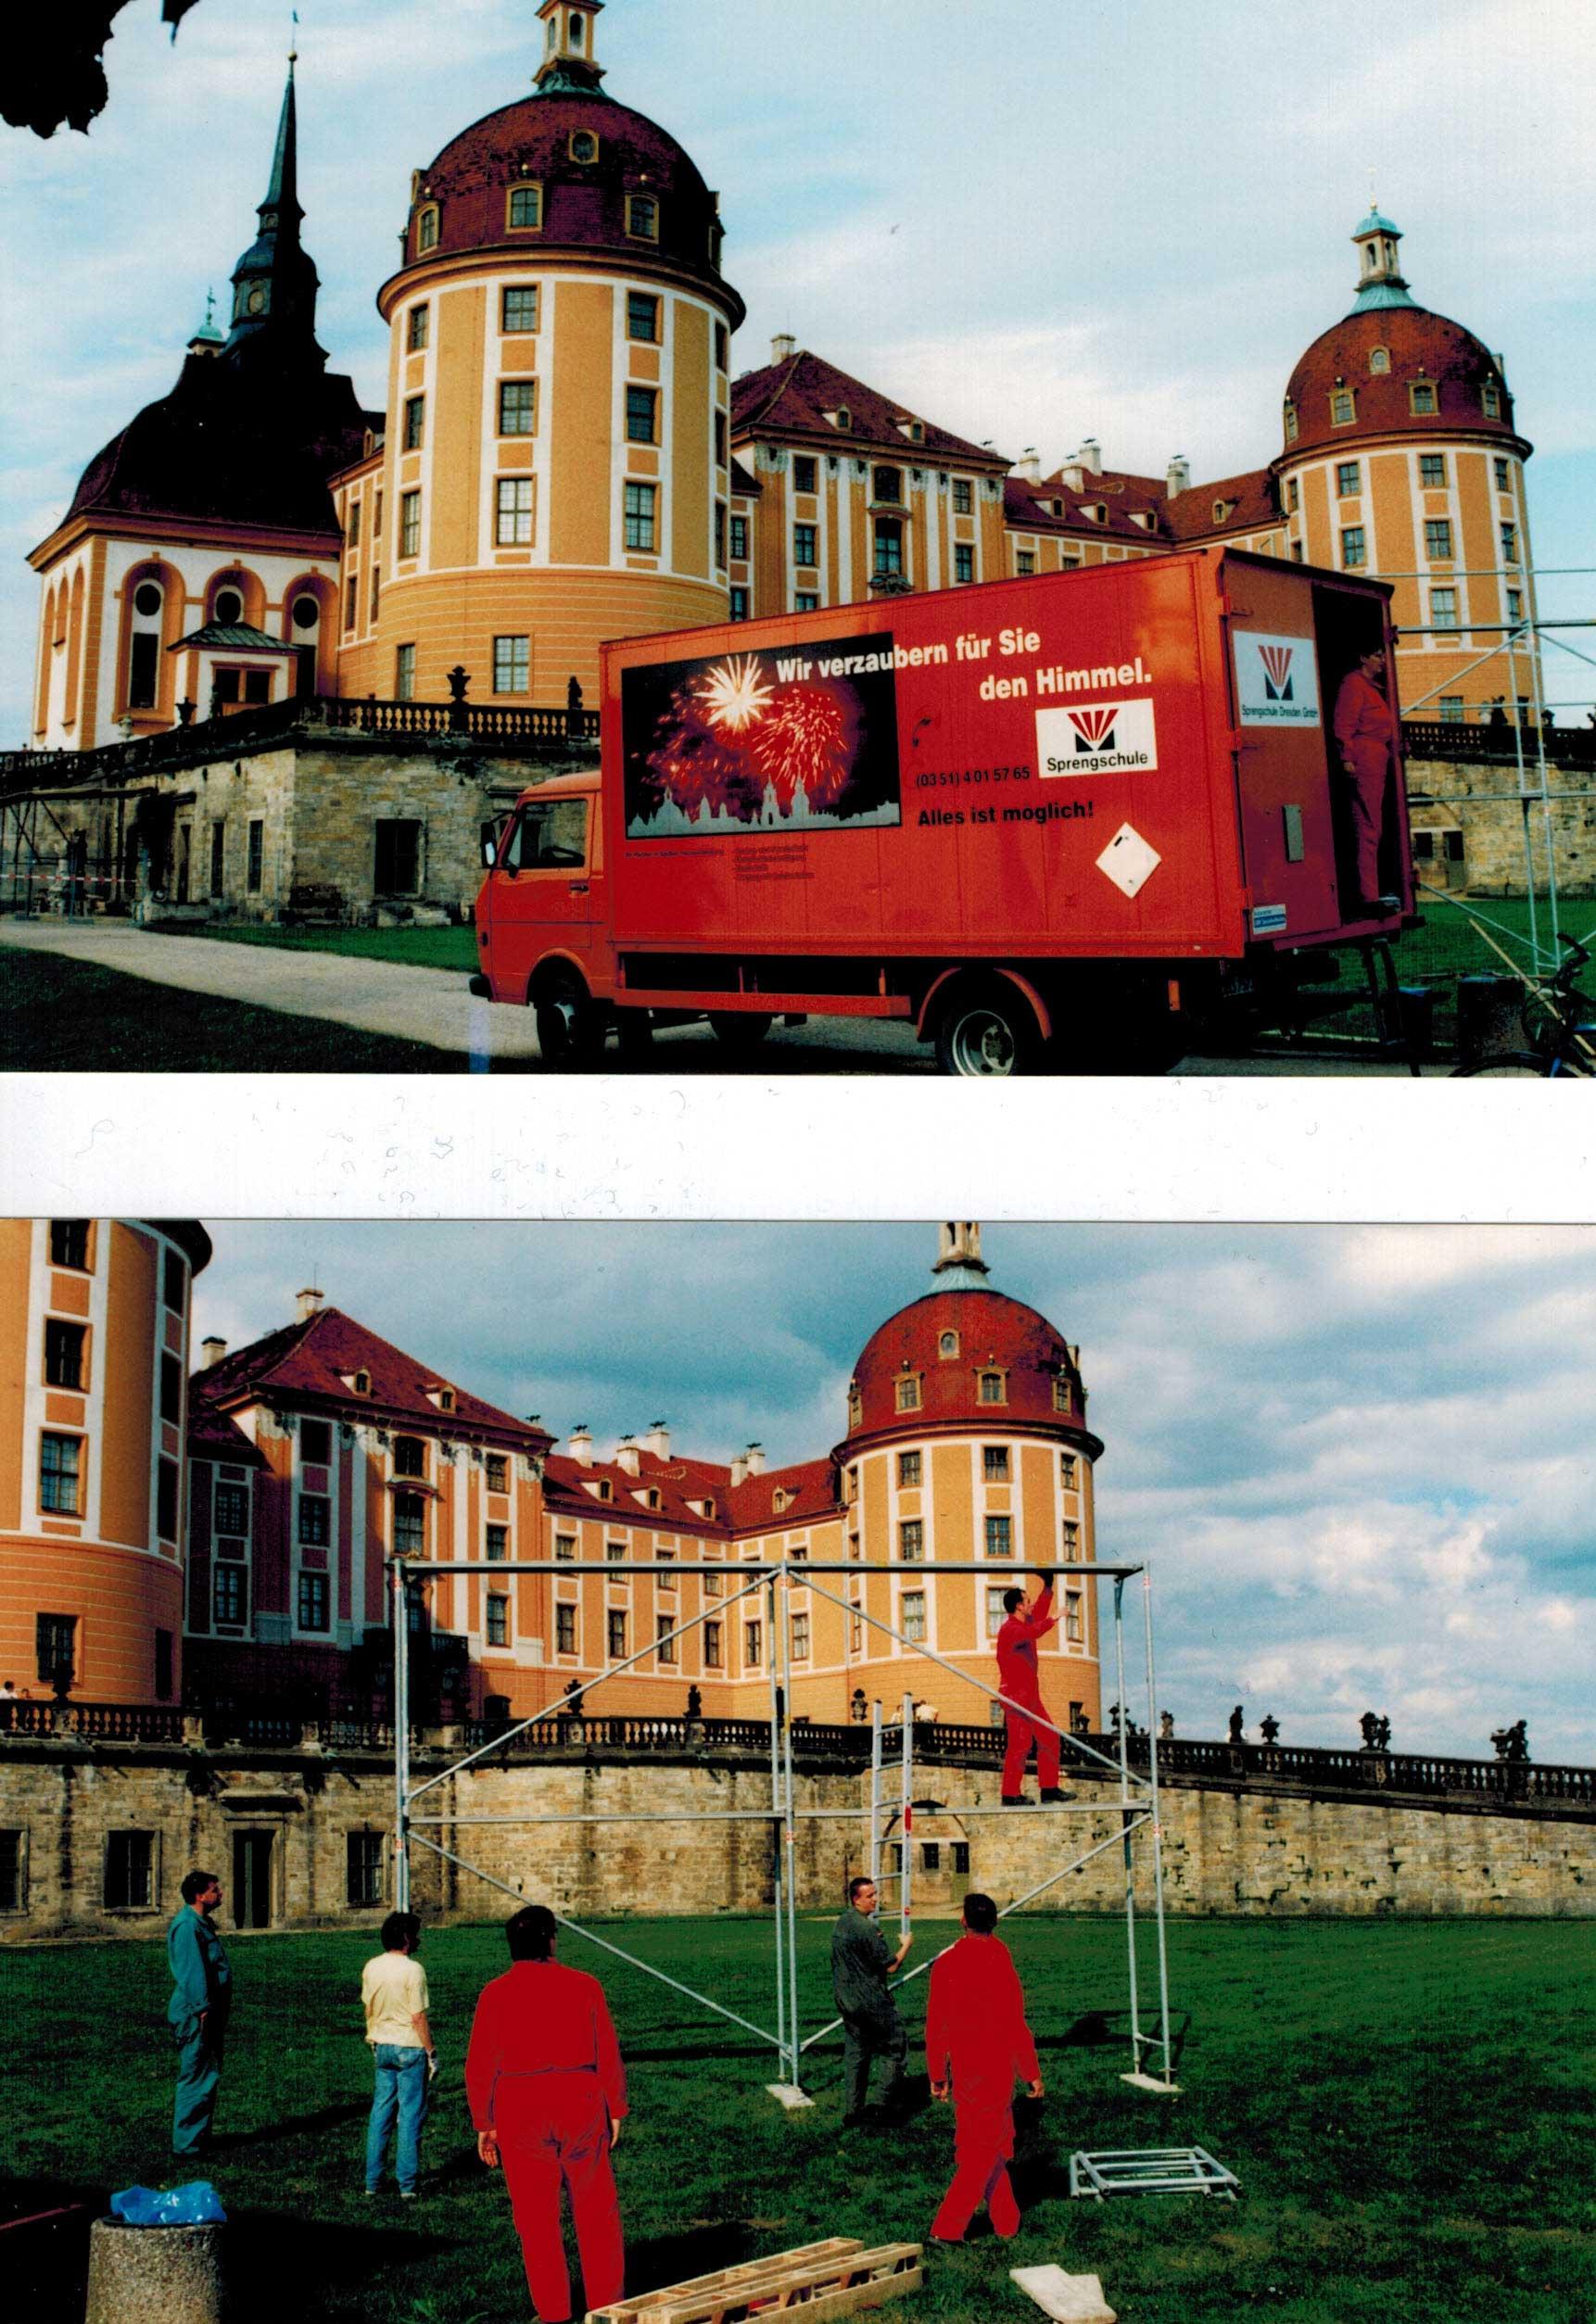 Ausbildung an der Sprengschule Dresden